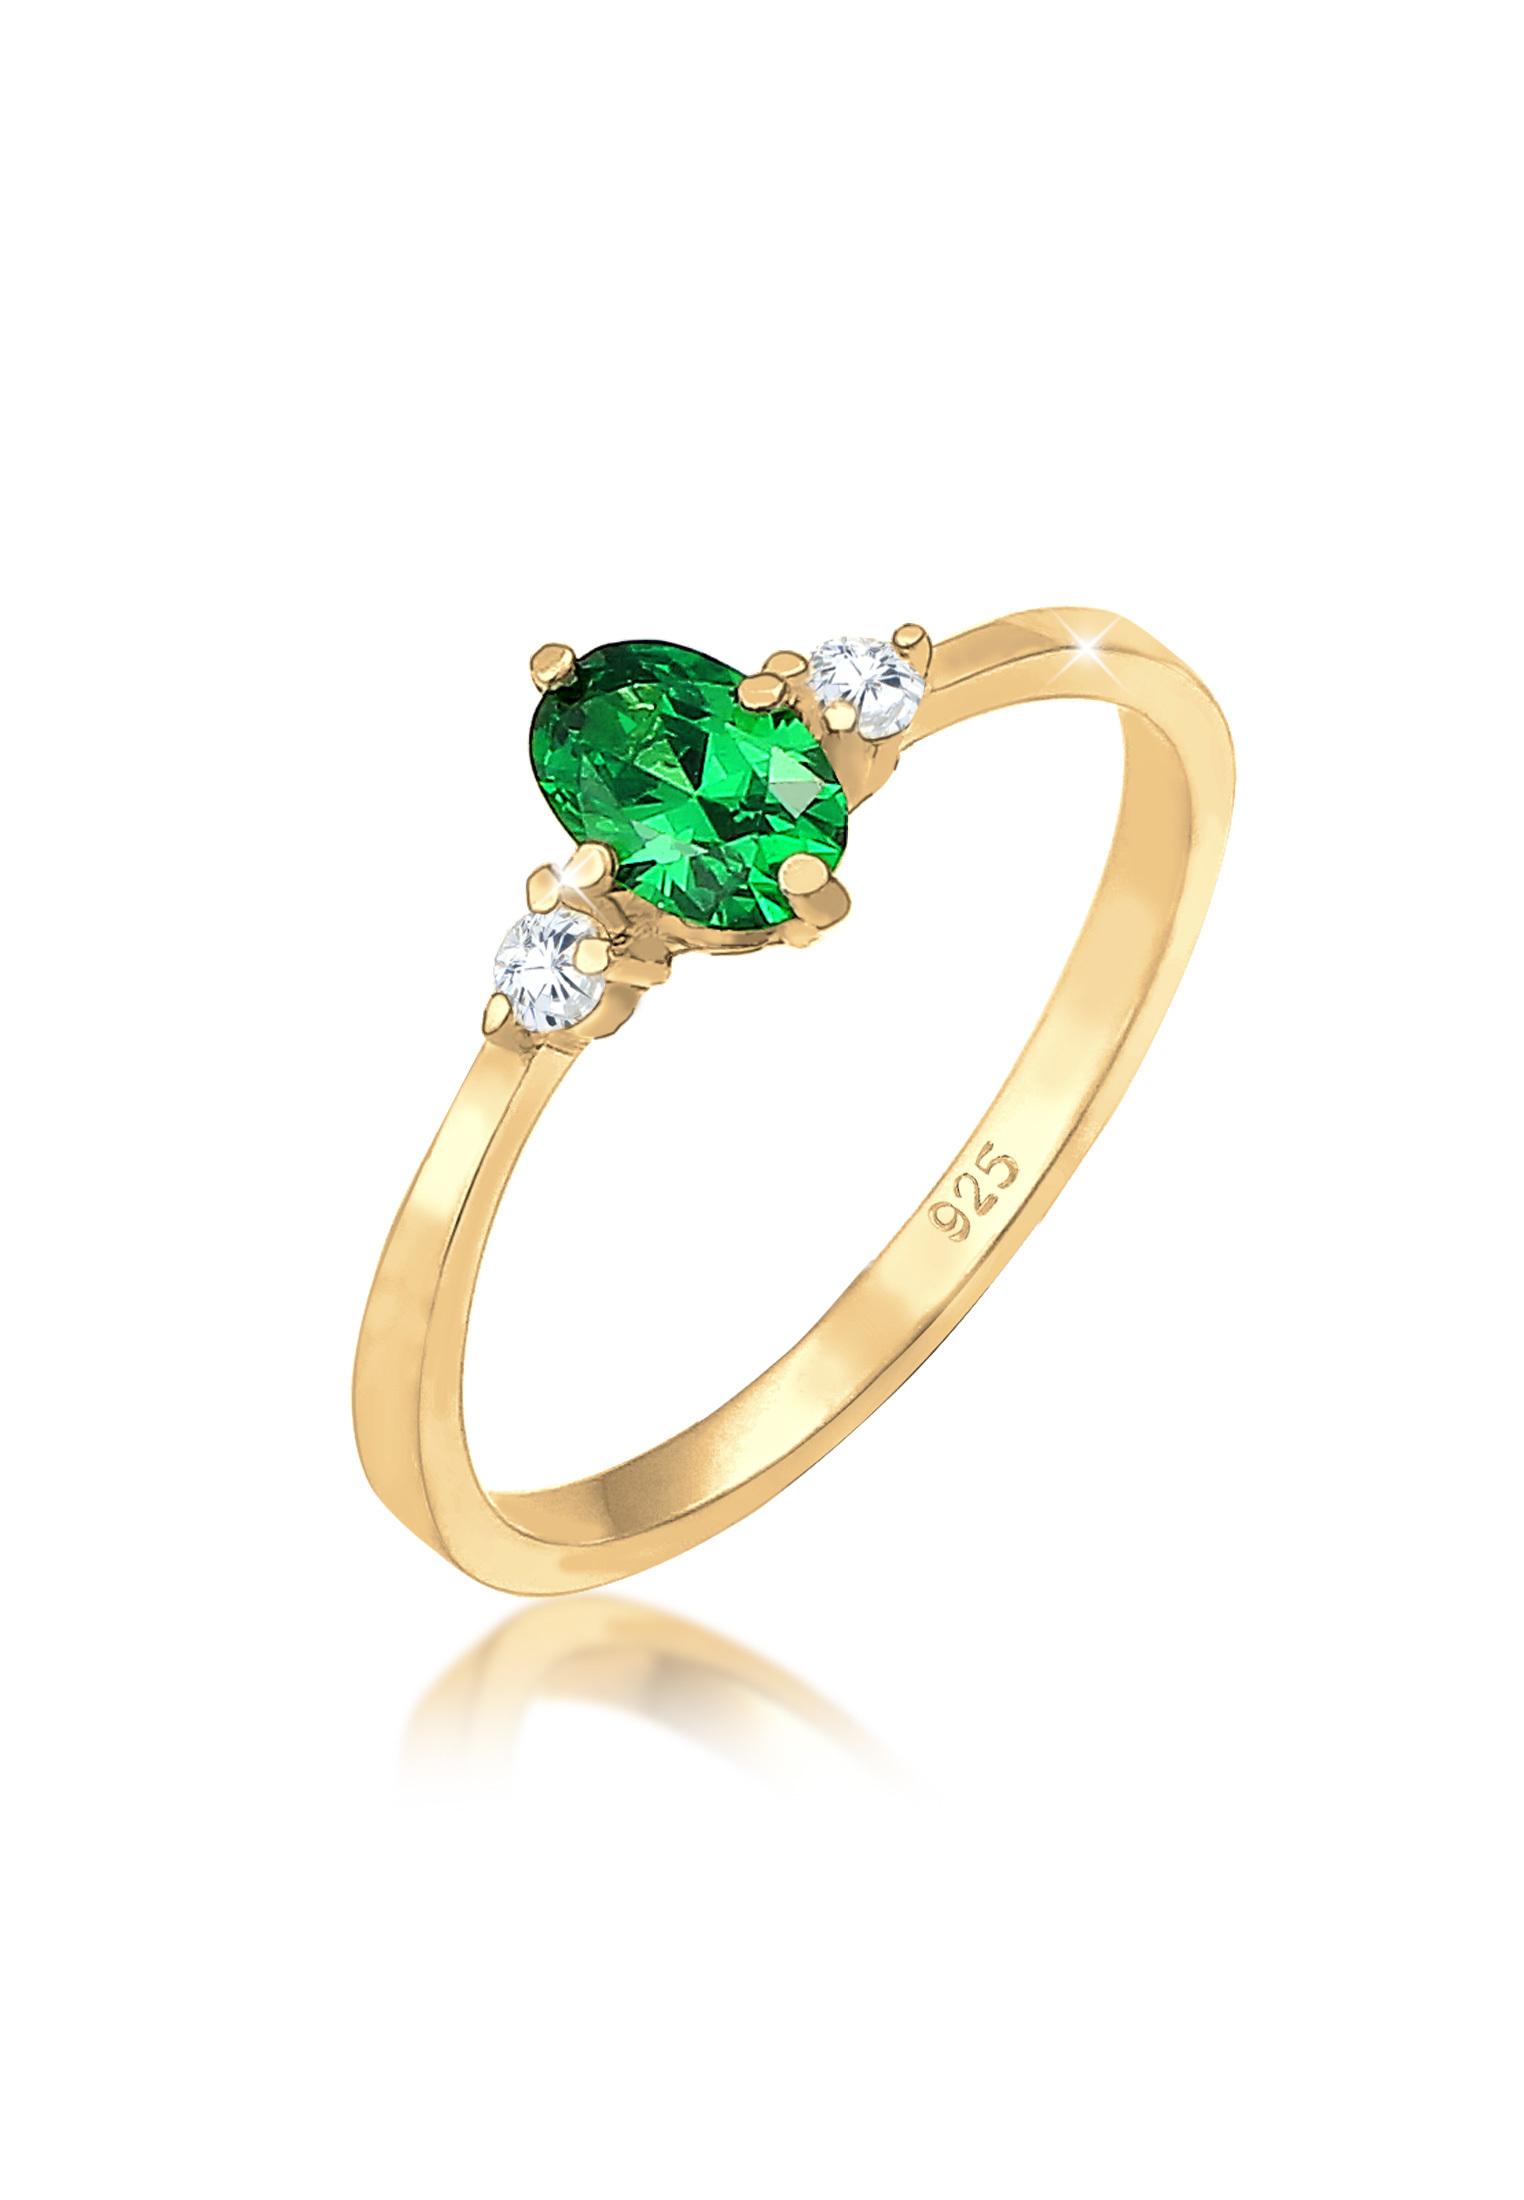 Verlobungsring | Zirkonia ( Grün ) | 925 Sterling Silber vergoldet